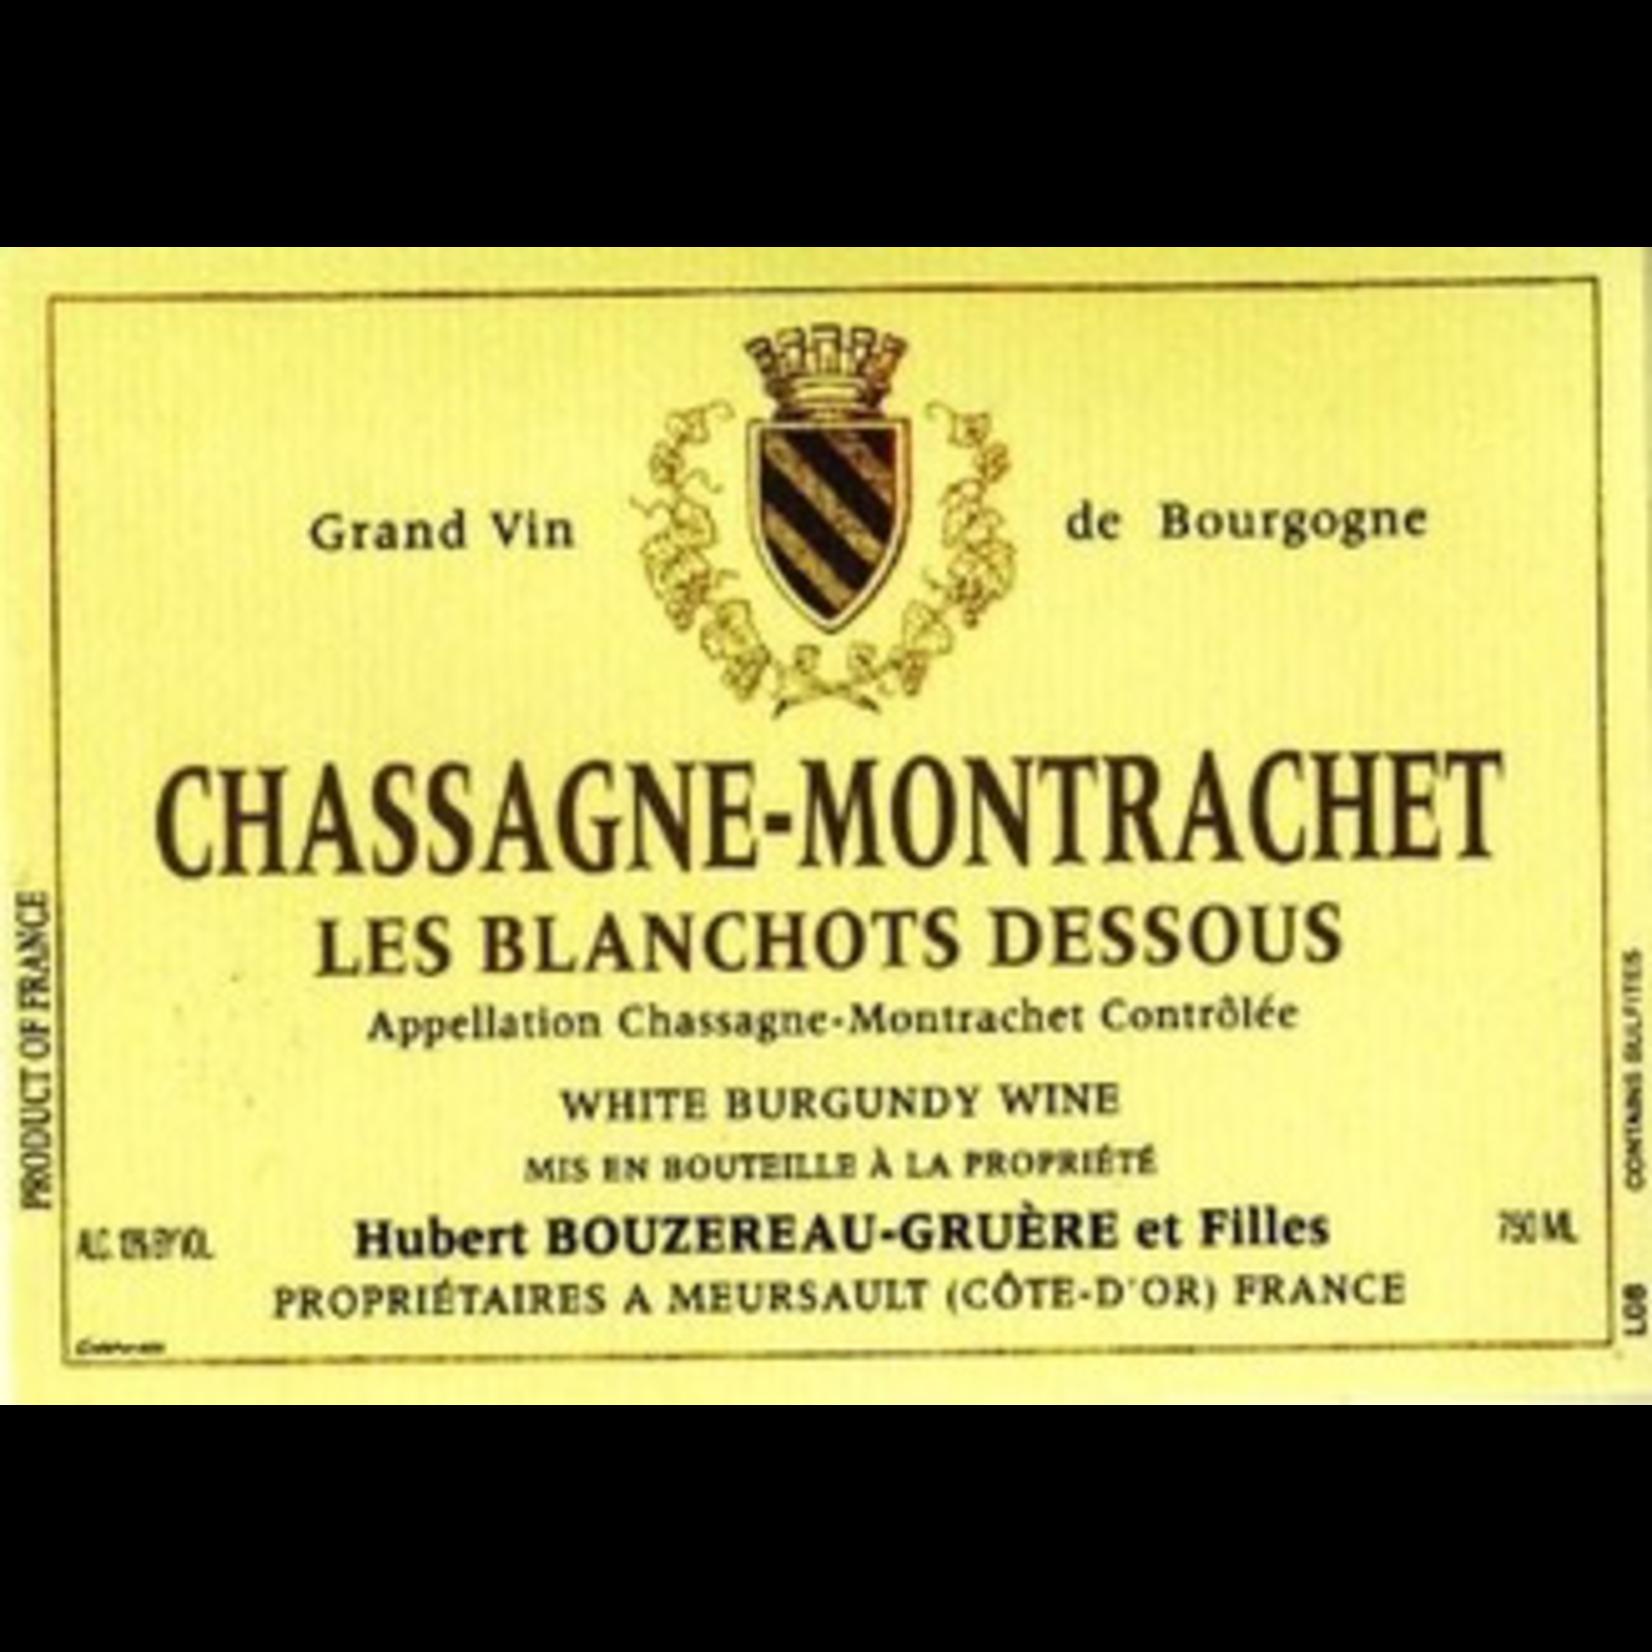 Wine Domaine Hubert Bouzereau Gruere & Filles Chassagne Montrachet Les Blanchots Dessous 2017